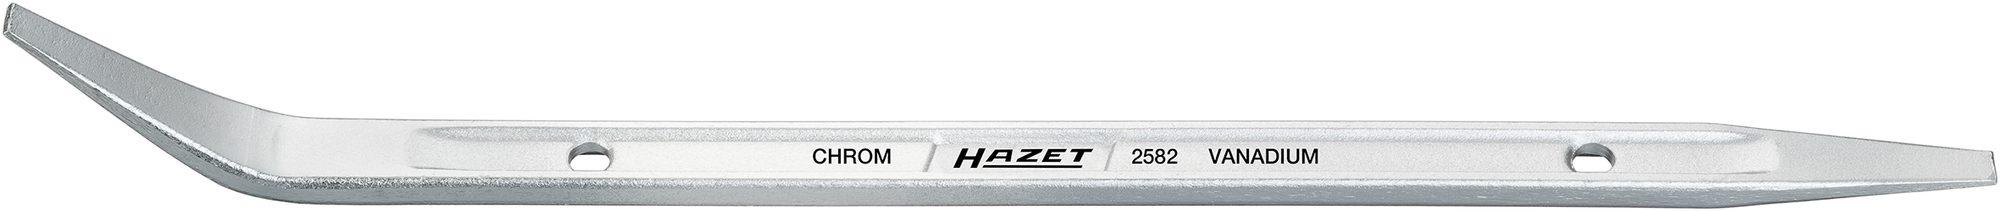 HAZET Nachstellhebel für Bremsbacke 2582